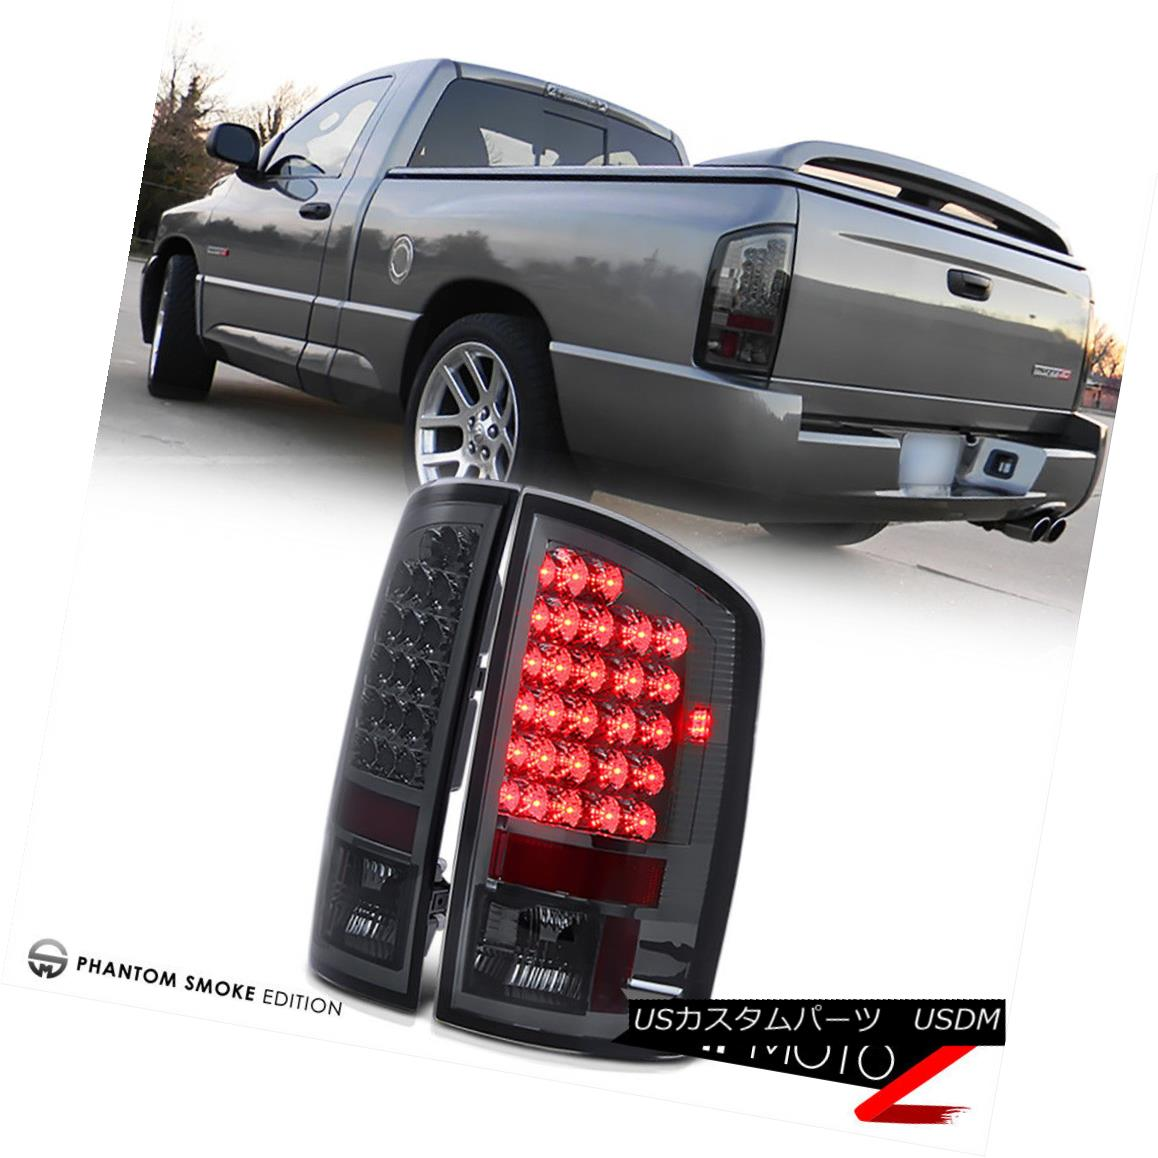 テールライト [VIPMOTOZ TOP PICK] Dodge Ram 2002-2006 Smoke LED Tail Light Brake Parking Lamps [VIPMOTOZ TOP PICK]ダッジ・ラム2002-2006スモークLEDテール・ライト・ブレーキ・パーキング・ランプ